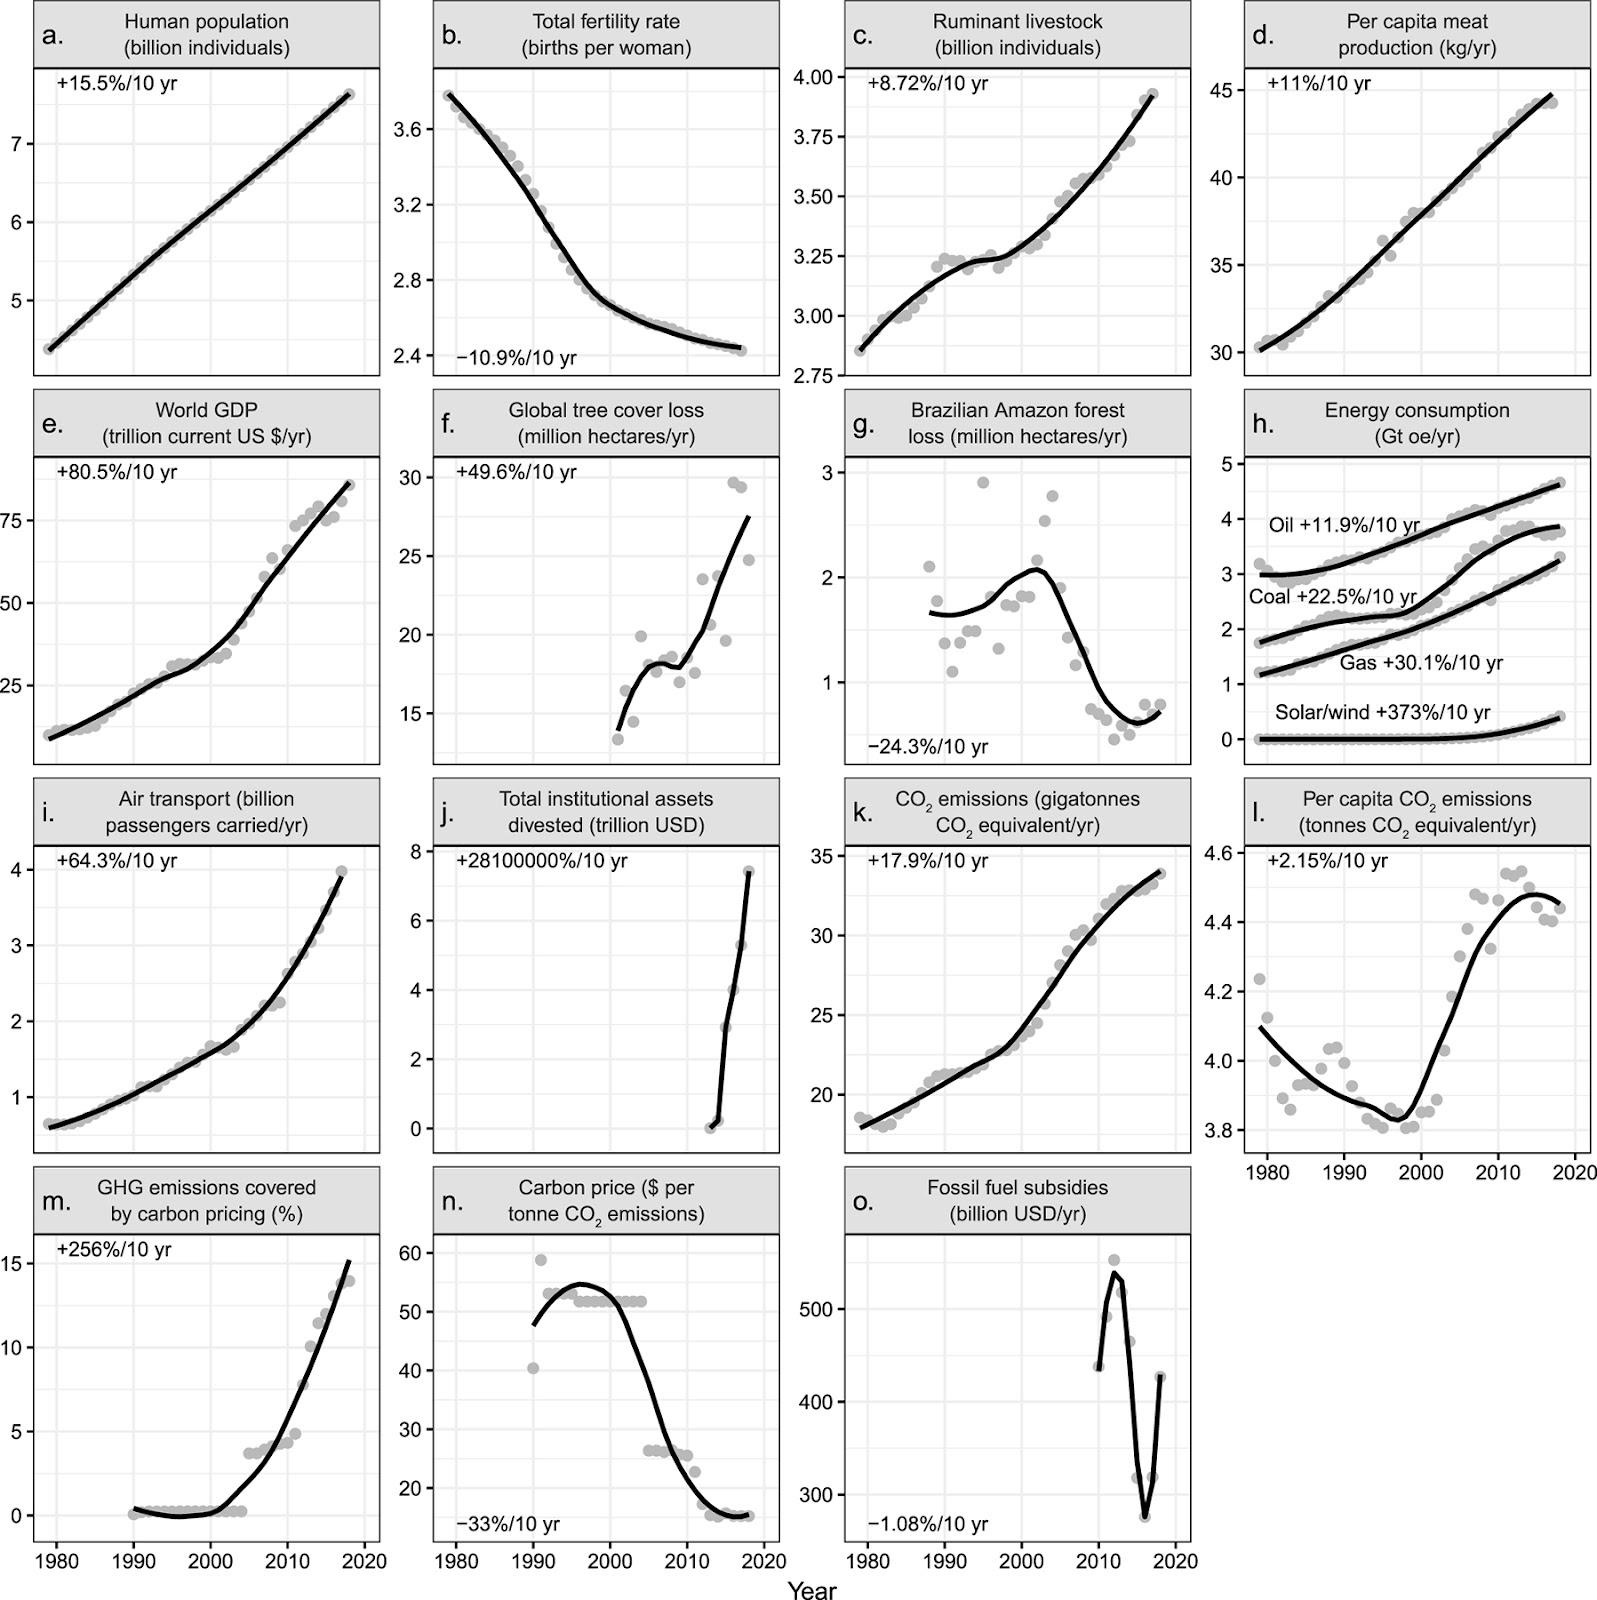 На графике представлены изменения человеческой деятельности с 1979 года по настоящее время. Эти показатели, по крайней мере частично, связаны с изменением климата. На панели f указана ежегодная потеря древесного покрова, которая может происходить по любой причине (например, лесные пожары, сбор урожая на плантациях). Прирост леса не учитывается при расчете потерь древесного покрова. На панели h - гидроэлектроэнергия и ядерная энергия. Показатели на графике представляют собой процентные изменения за десятилетия во всех диапазонах временных рядов. Данные за год изображены серыми точками.